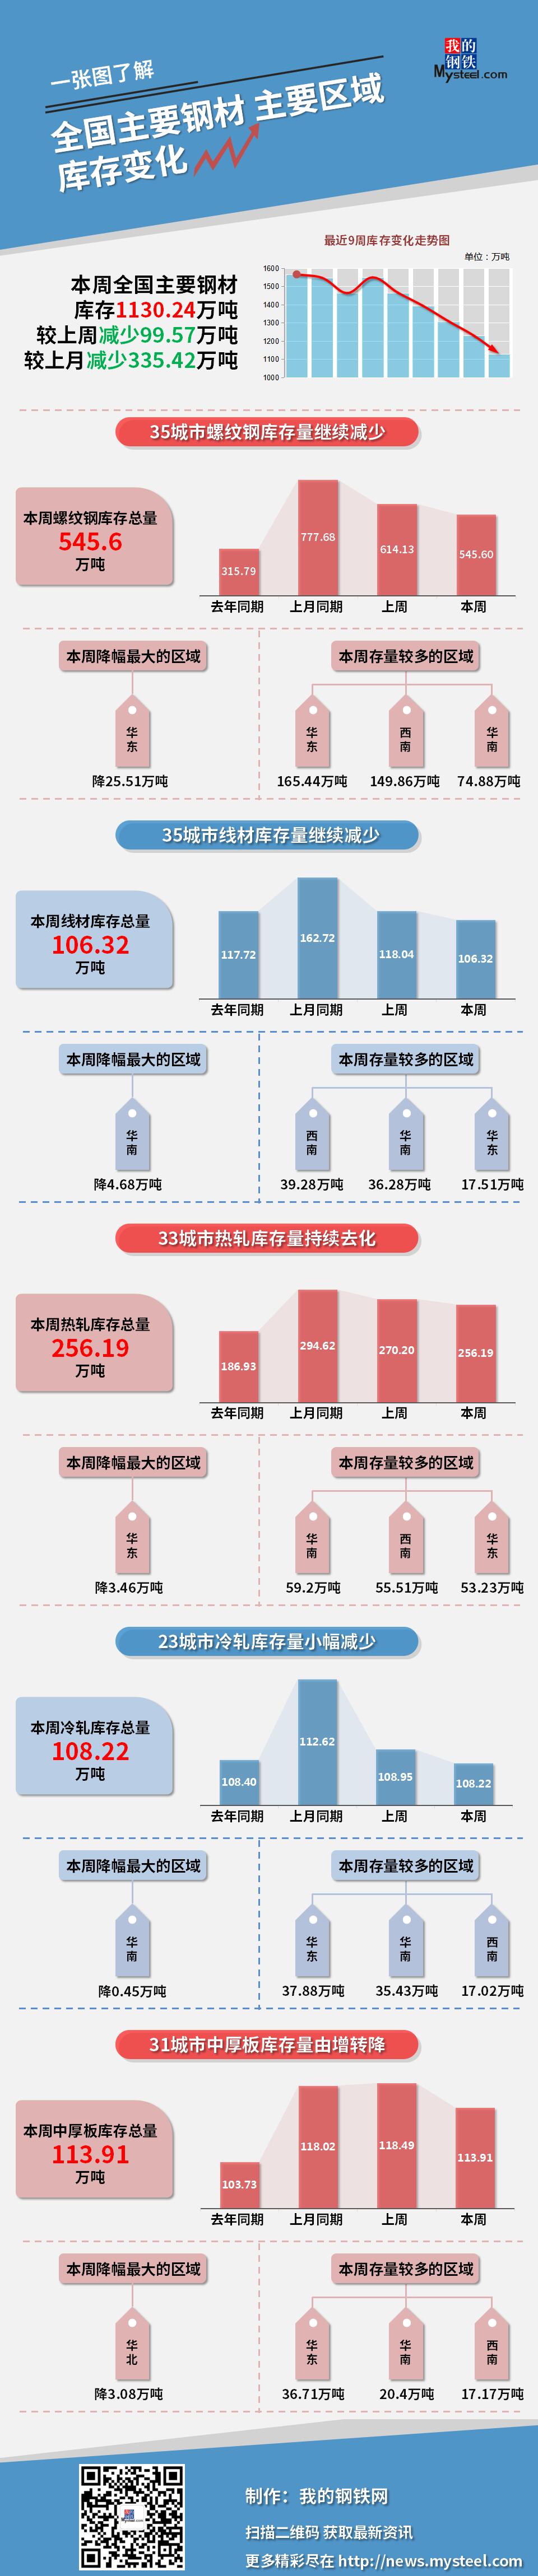 【图说】本周钢材社会库存减少99.57万吨(11月6日—11月12日)